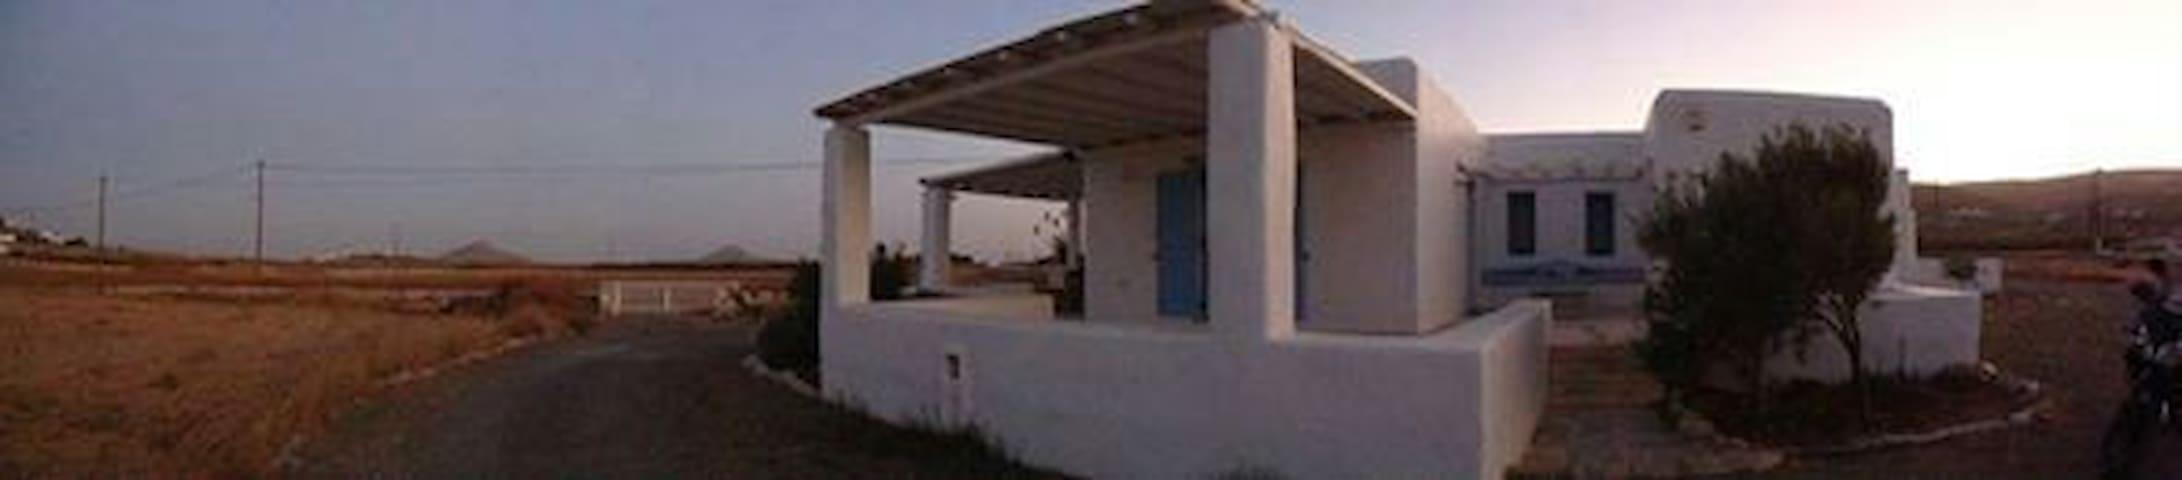 Ένα υπέροχο σπίτι 100 τ.μ με 2υ/δ - Ιστέρνι